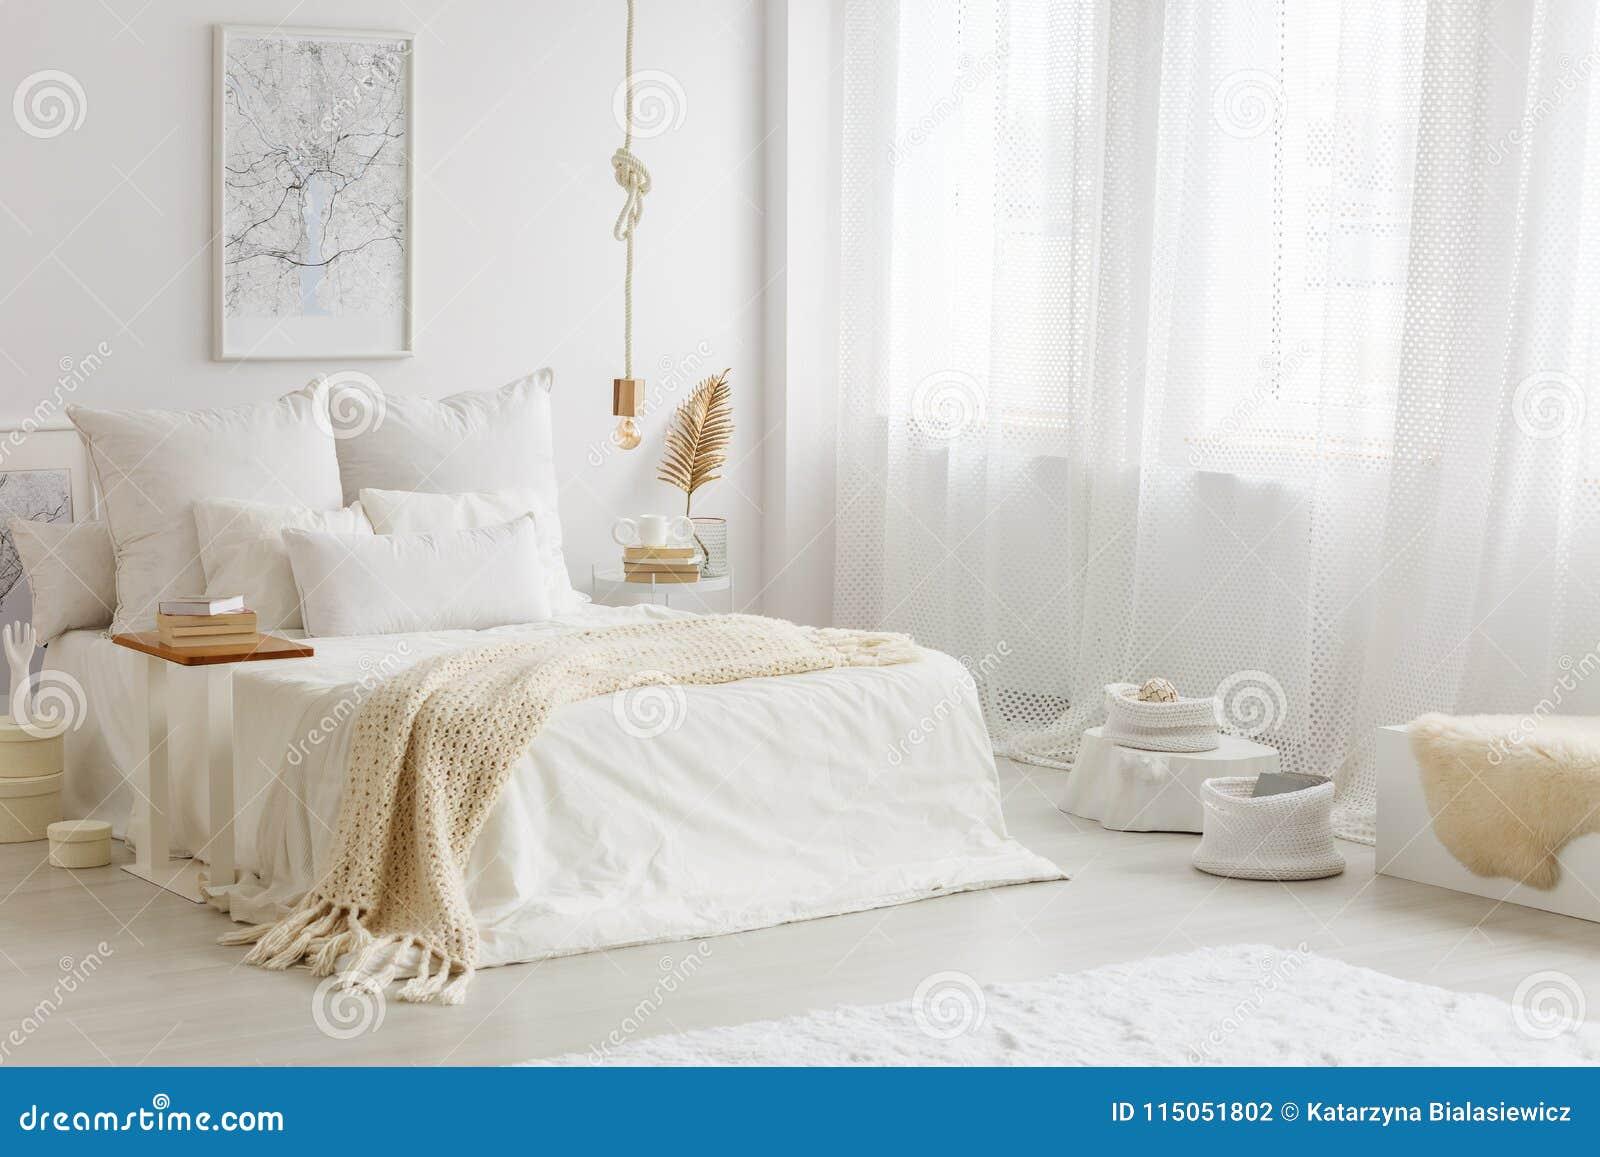 Beżowa koc na białym łóżku